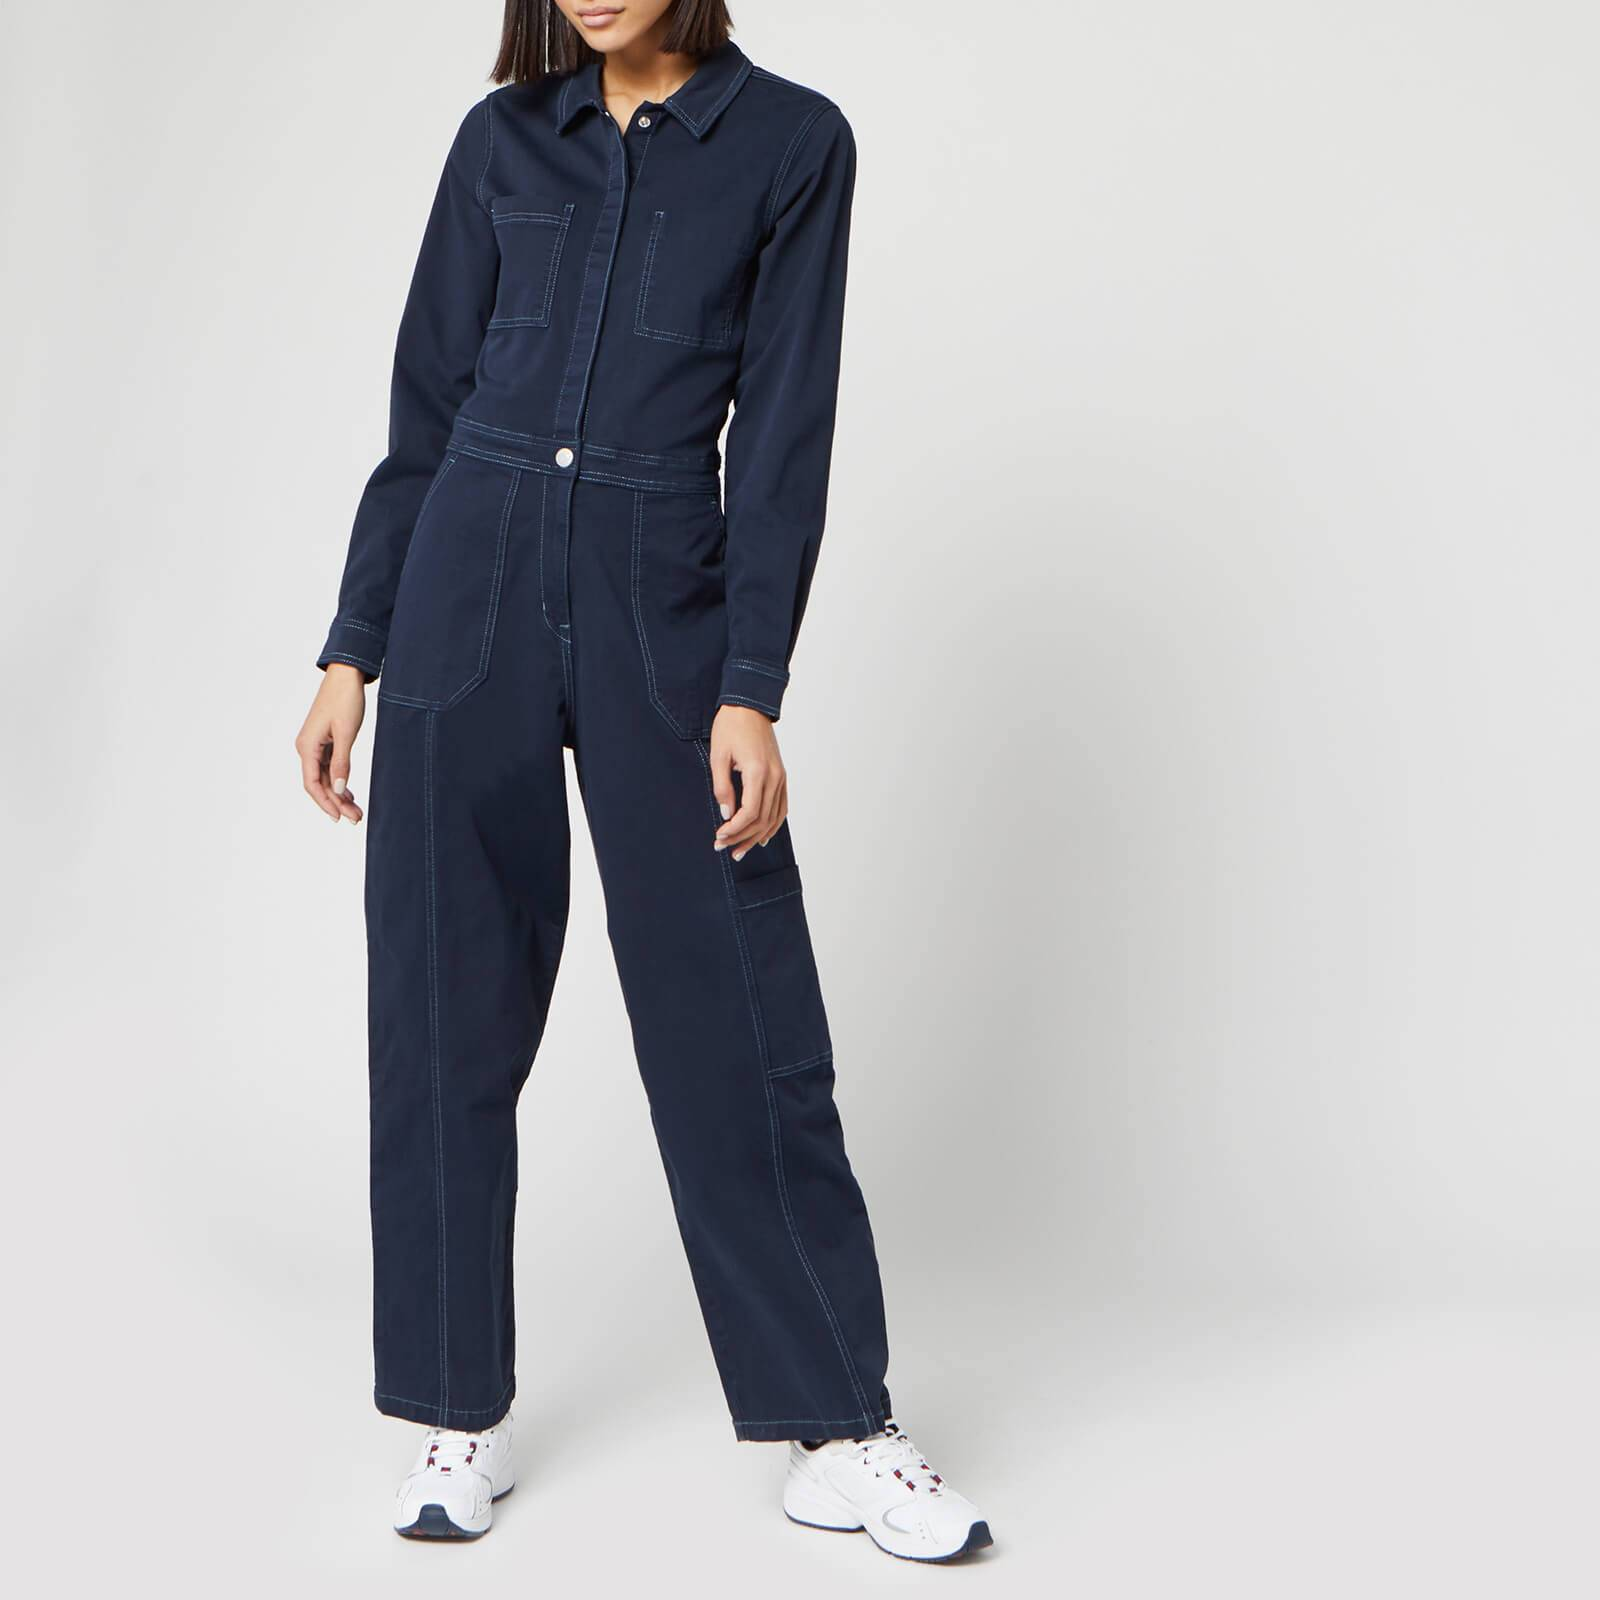 Tommy Jeans Women's Regular Jumpsuit - Black Iris - L